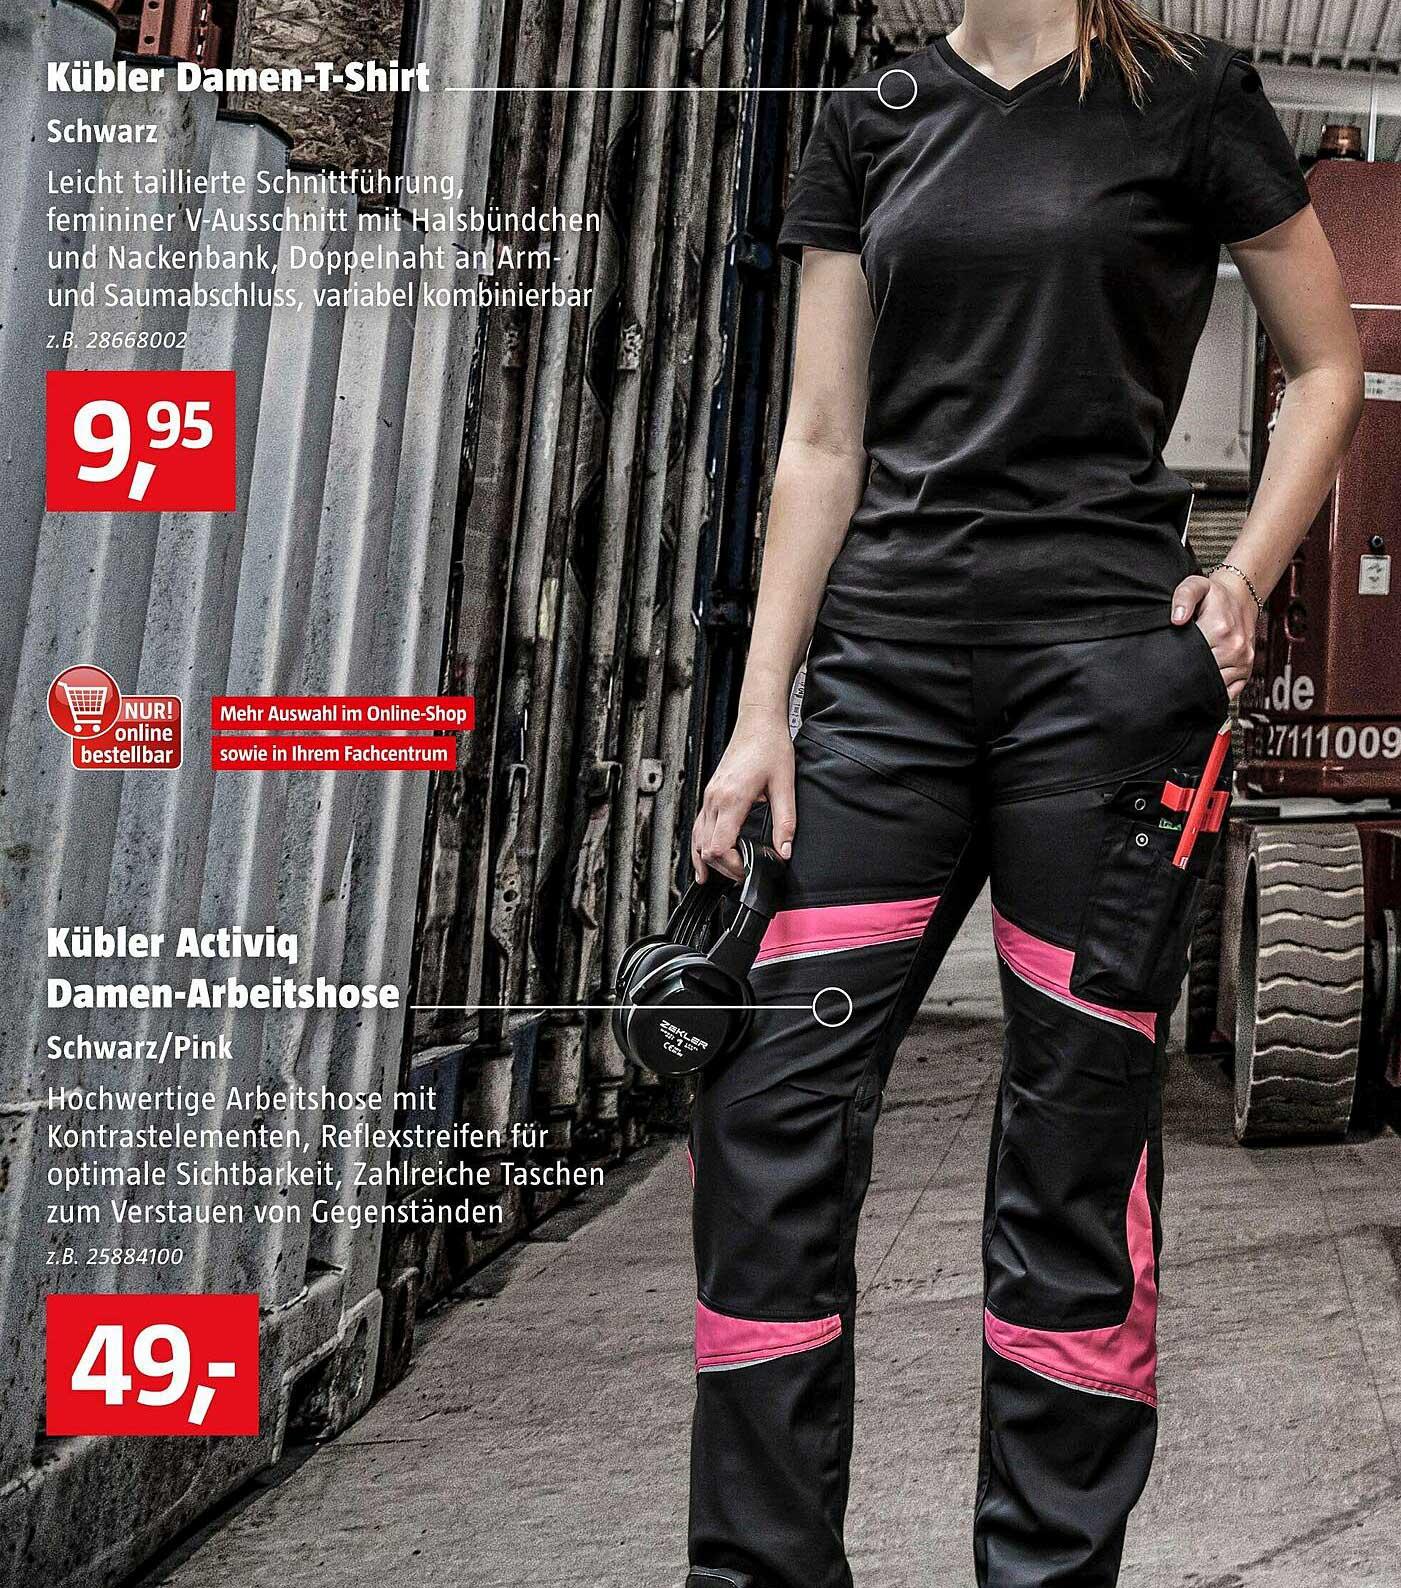 Bauhaus Kübler Activic Damen-arbeitshose Schwarz Pink